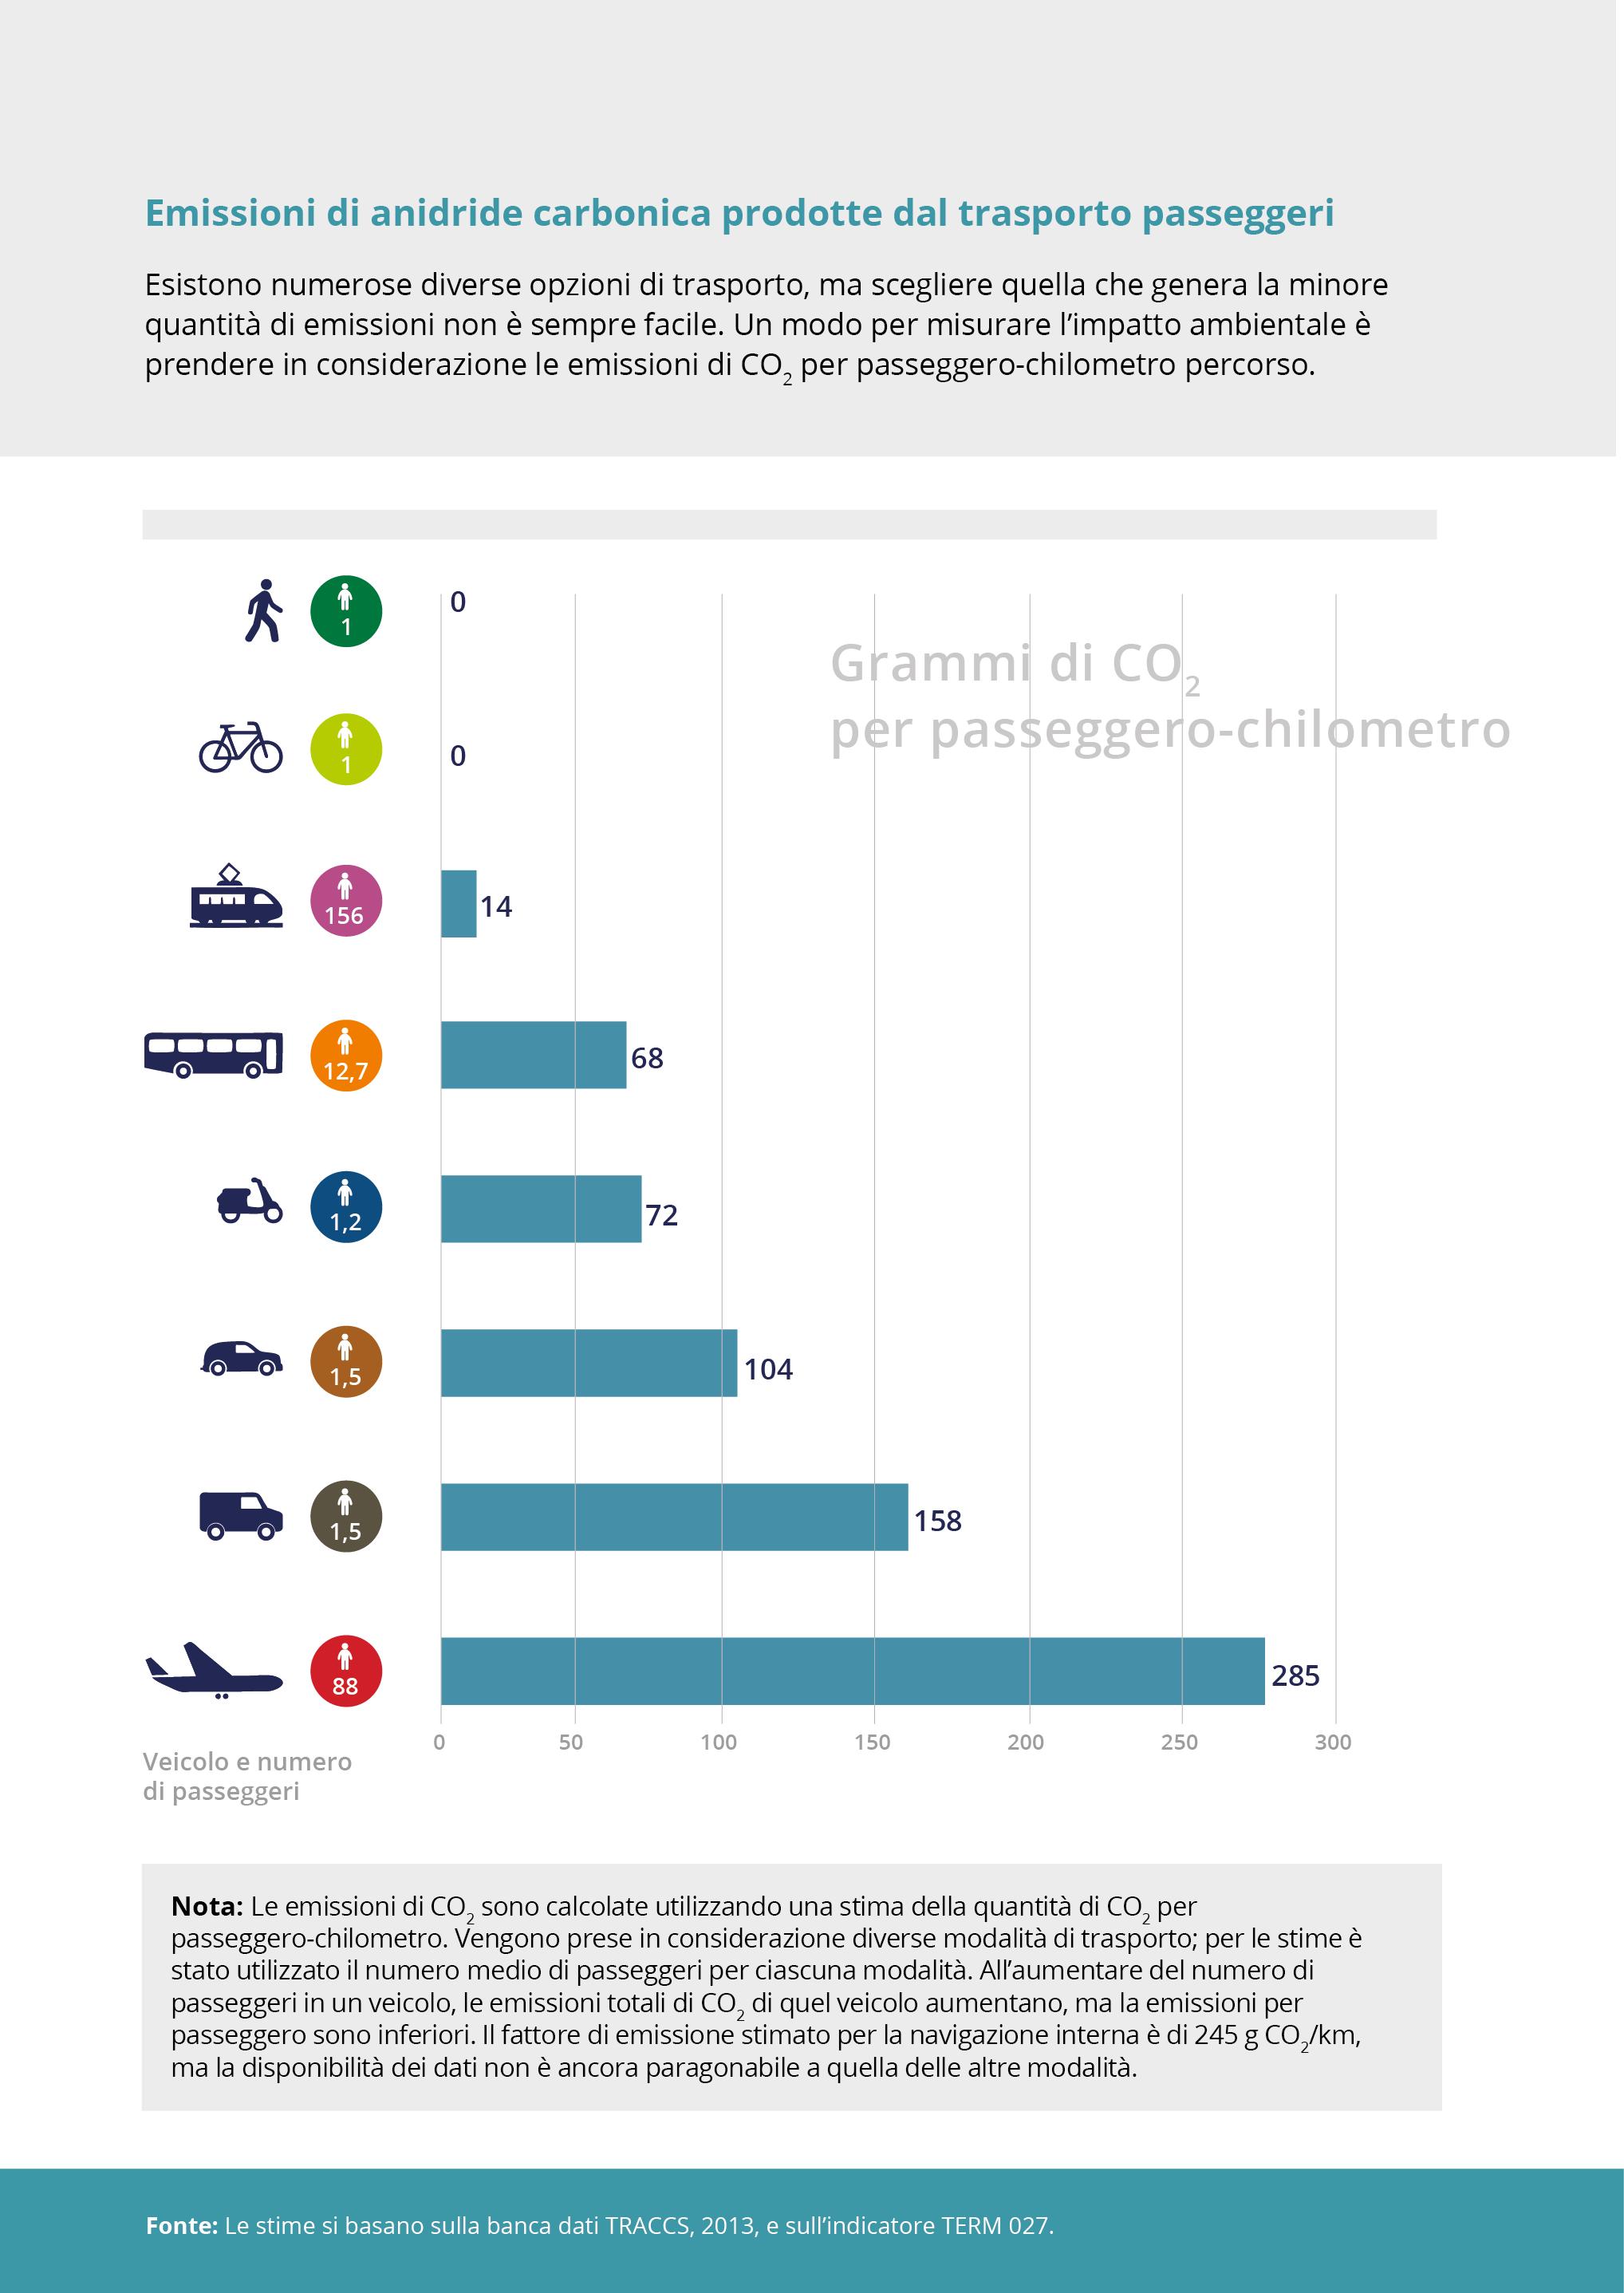 Emissioni di anidride carbonica prodotte dal trasporto passeggeri